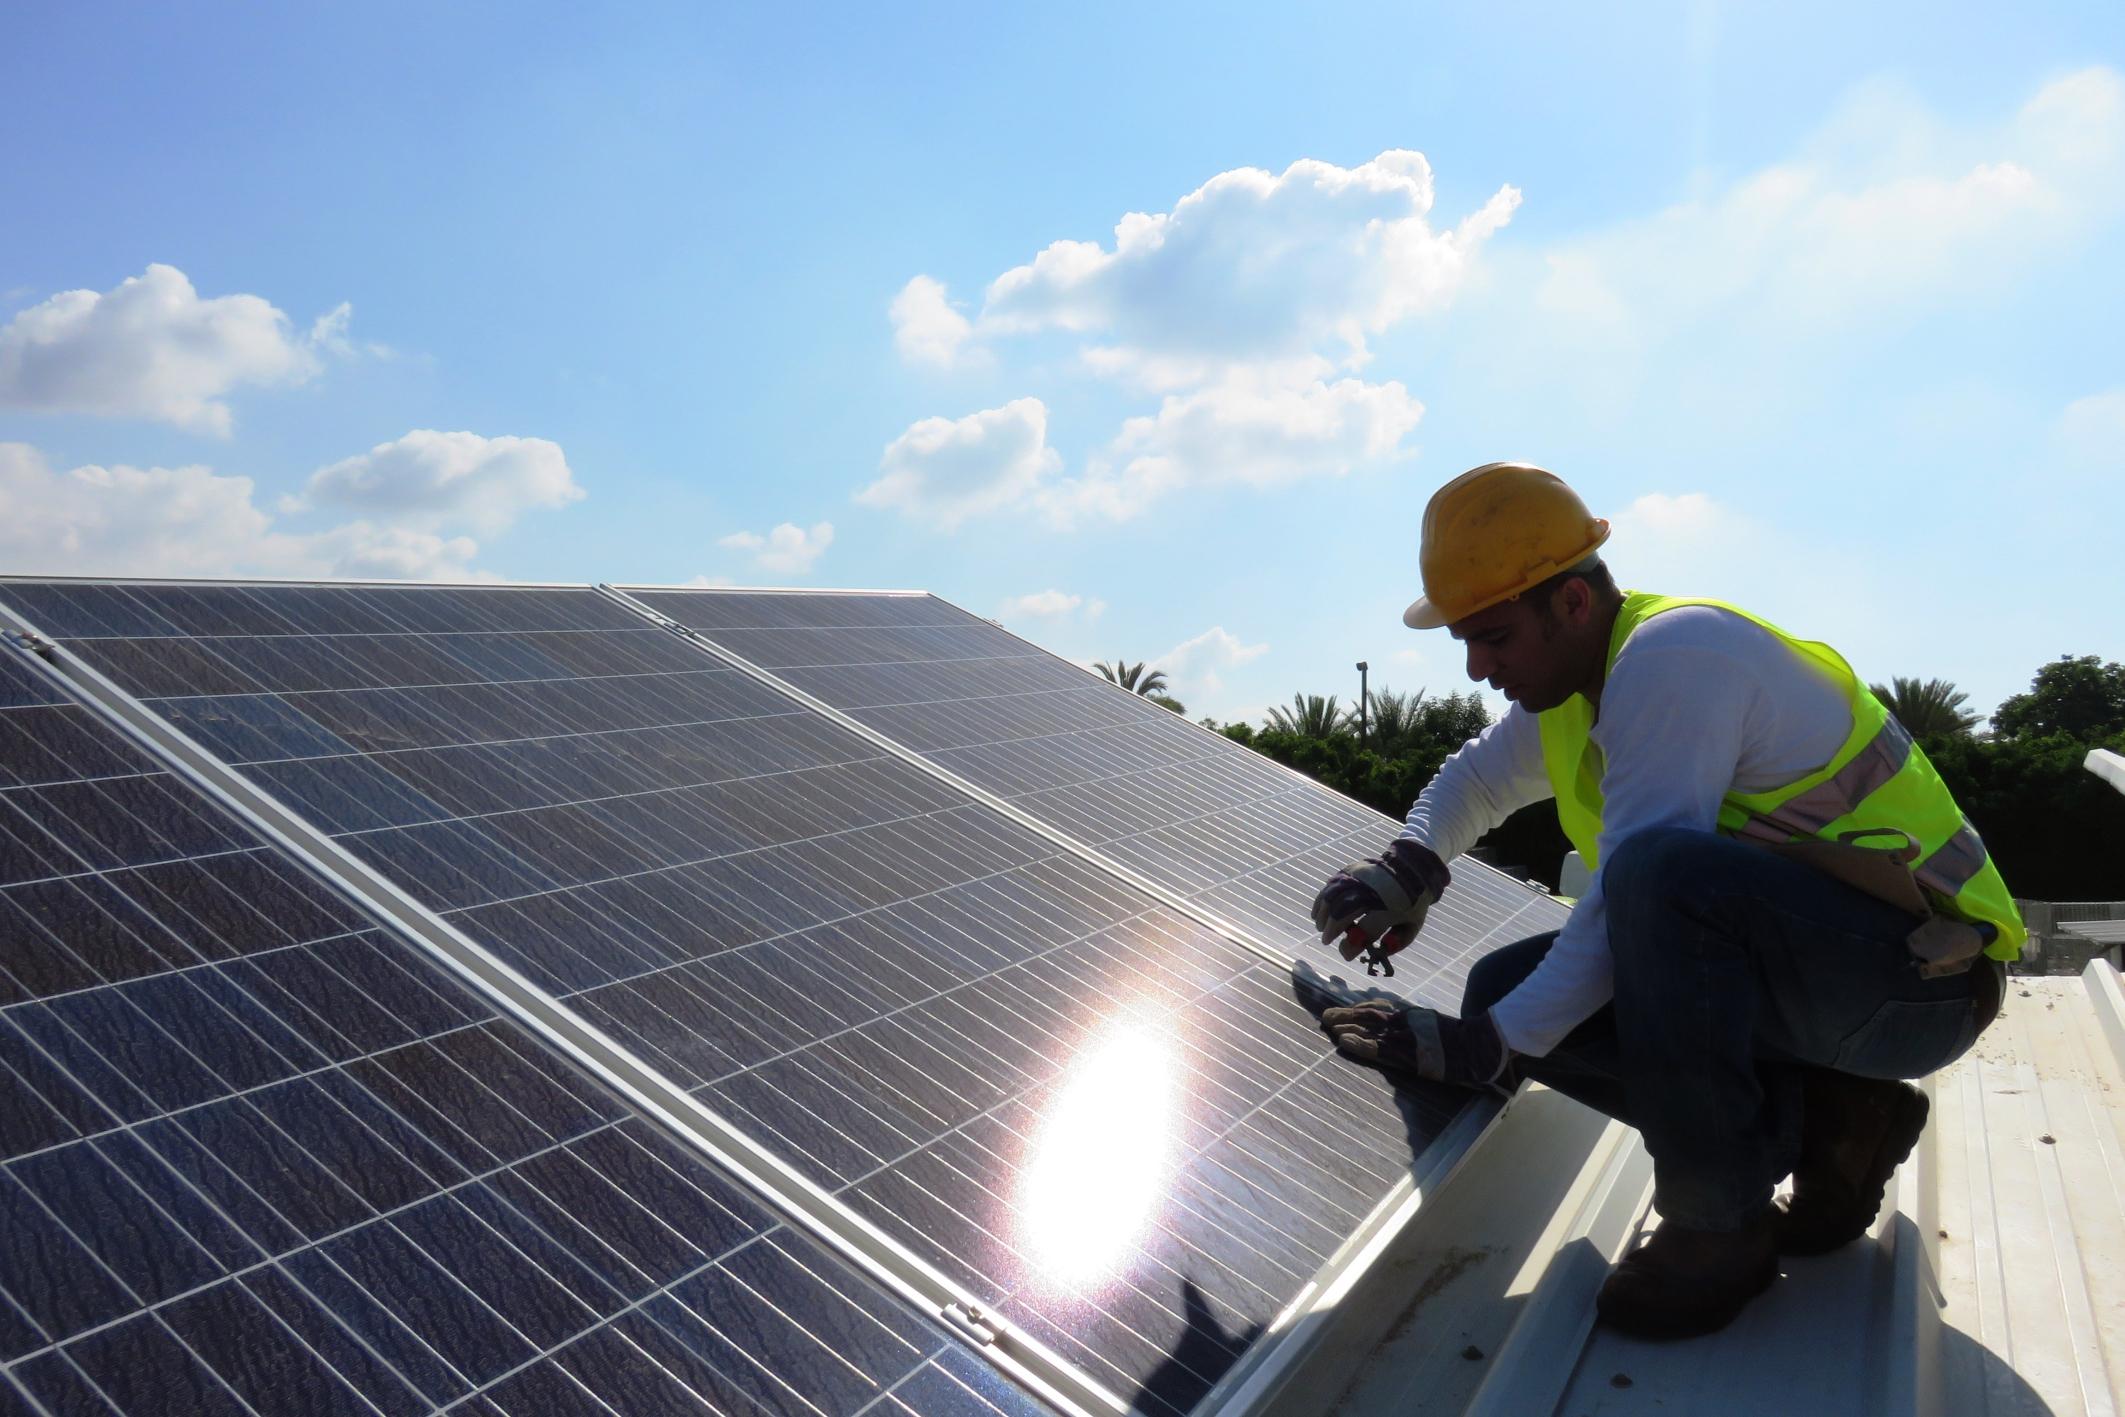 Installation of solar panels.